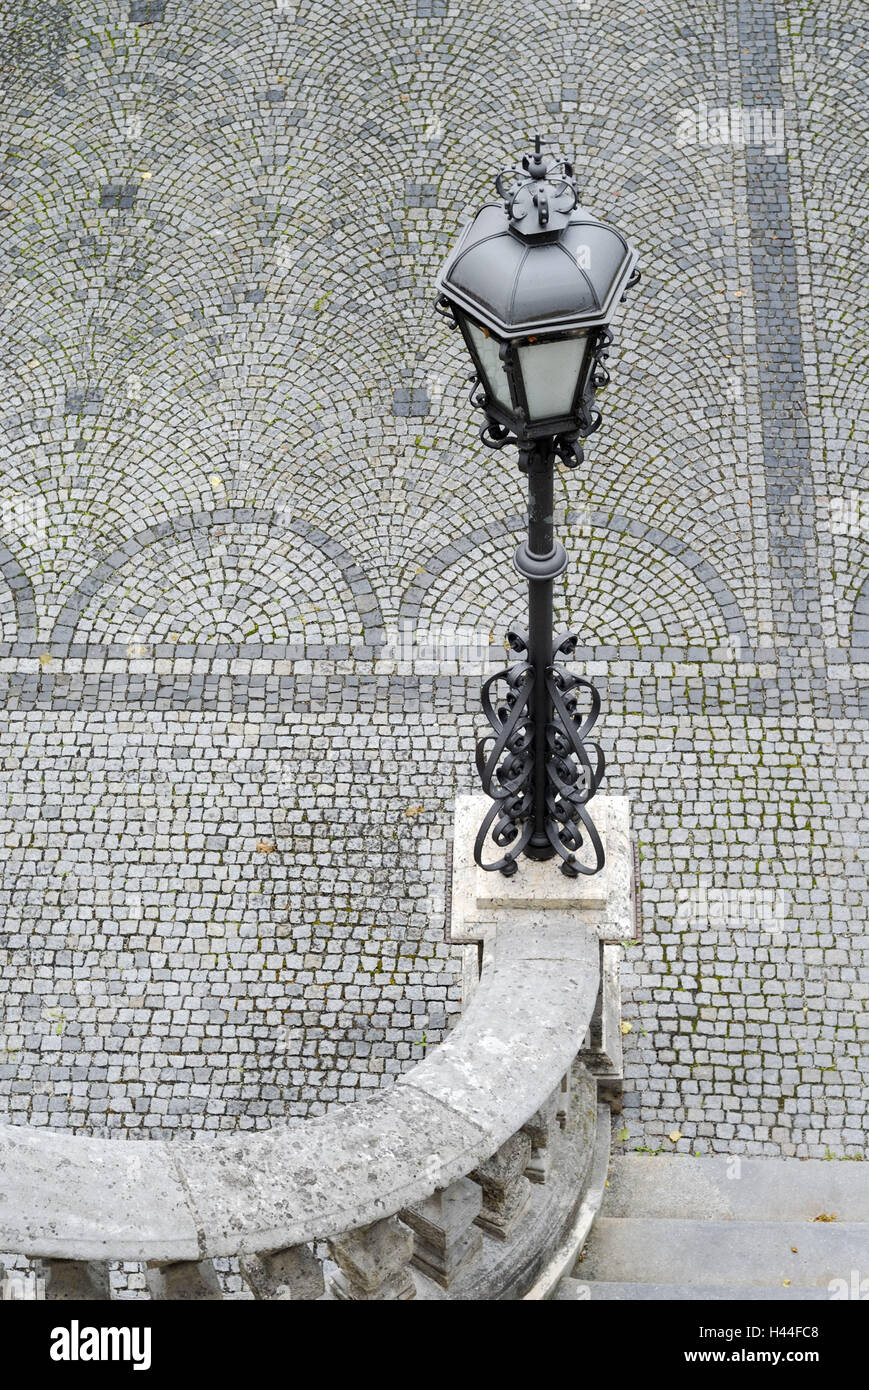 Lanterne, pôle de lumière, escaliers, marches, main courante, pavement, gris, Photo Stock